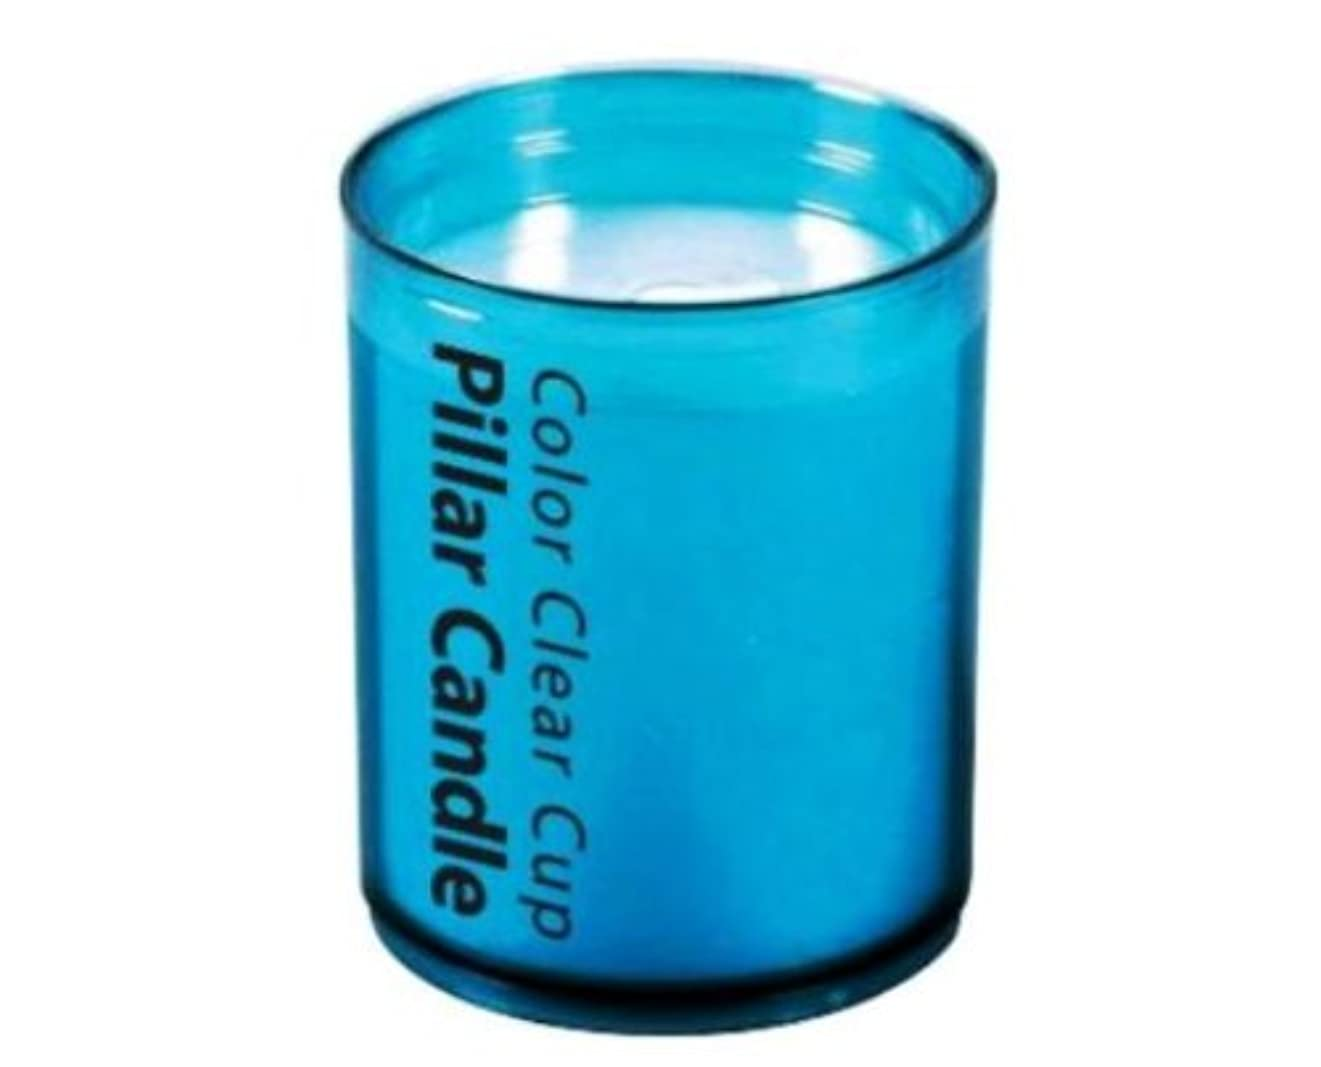 消毒する固有のボットカメヤマ カラークリアカップピラー3インチ ブルー